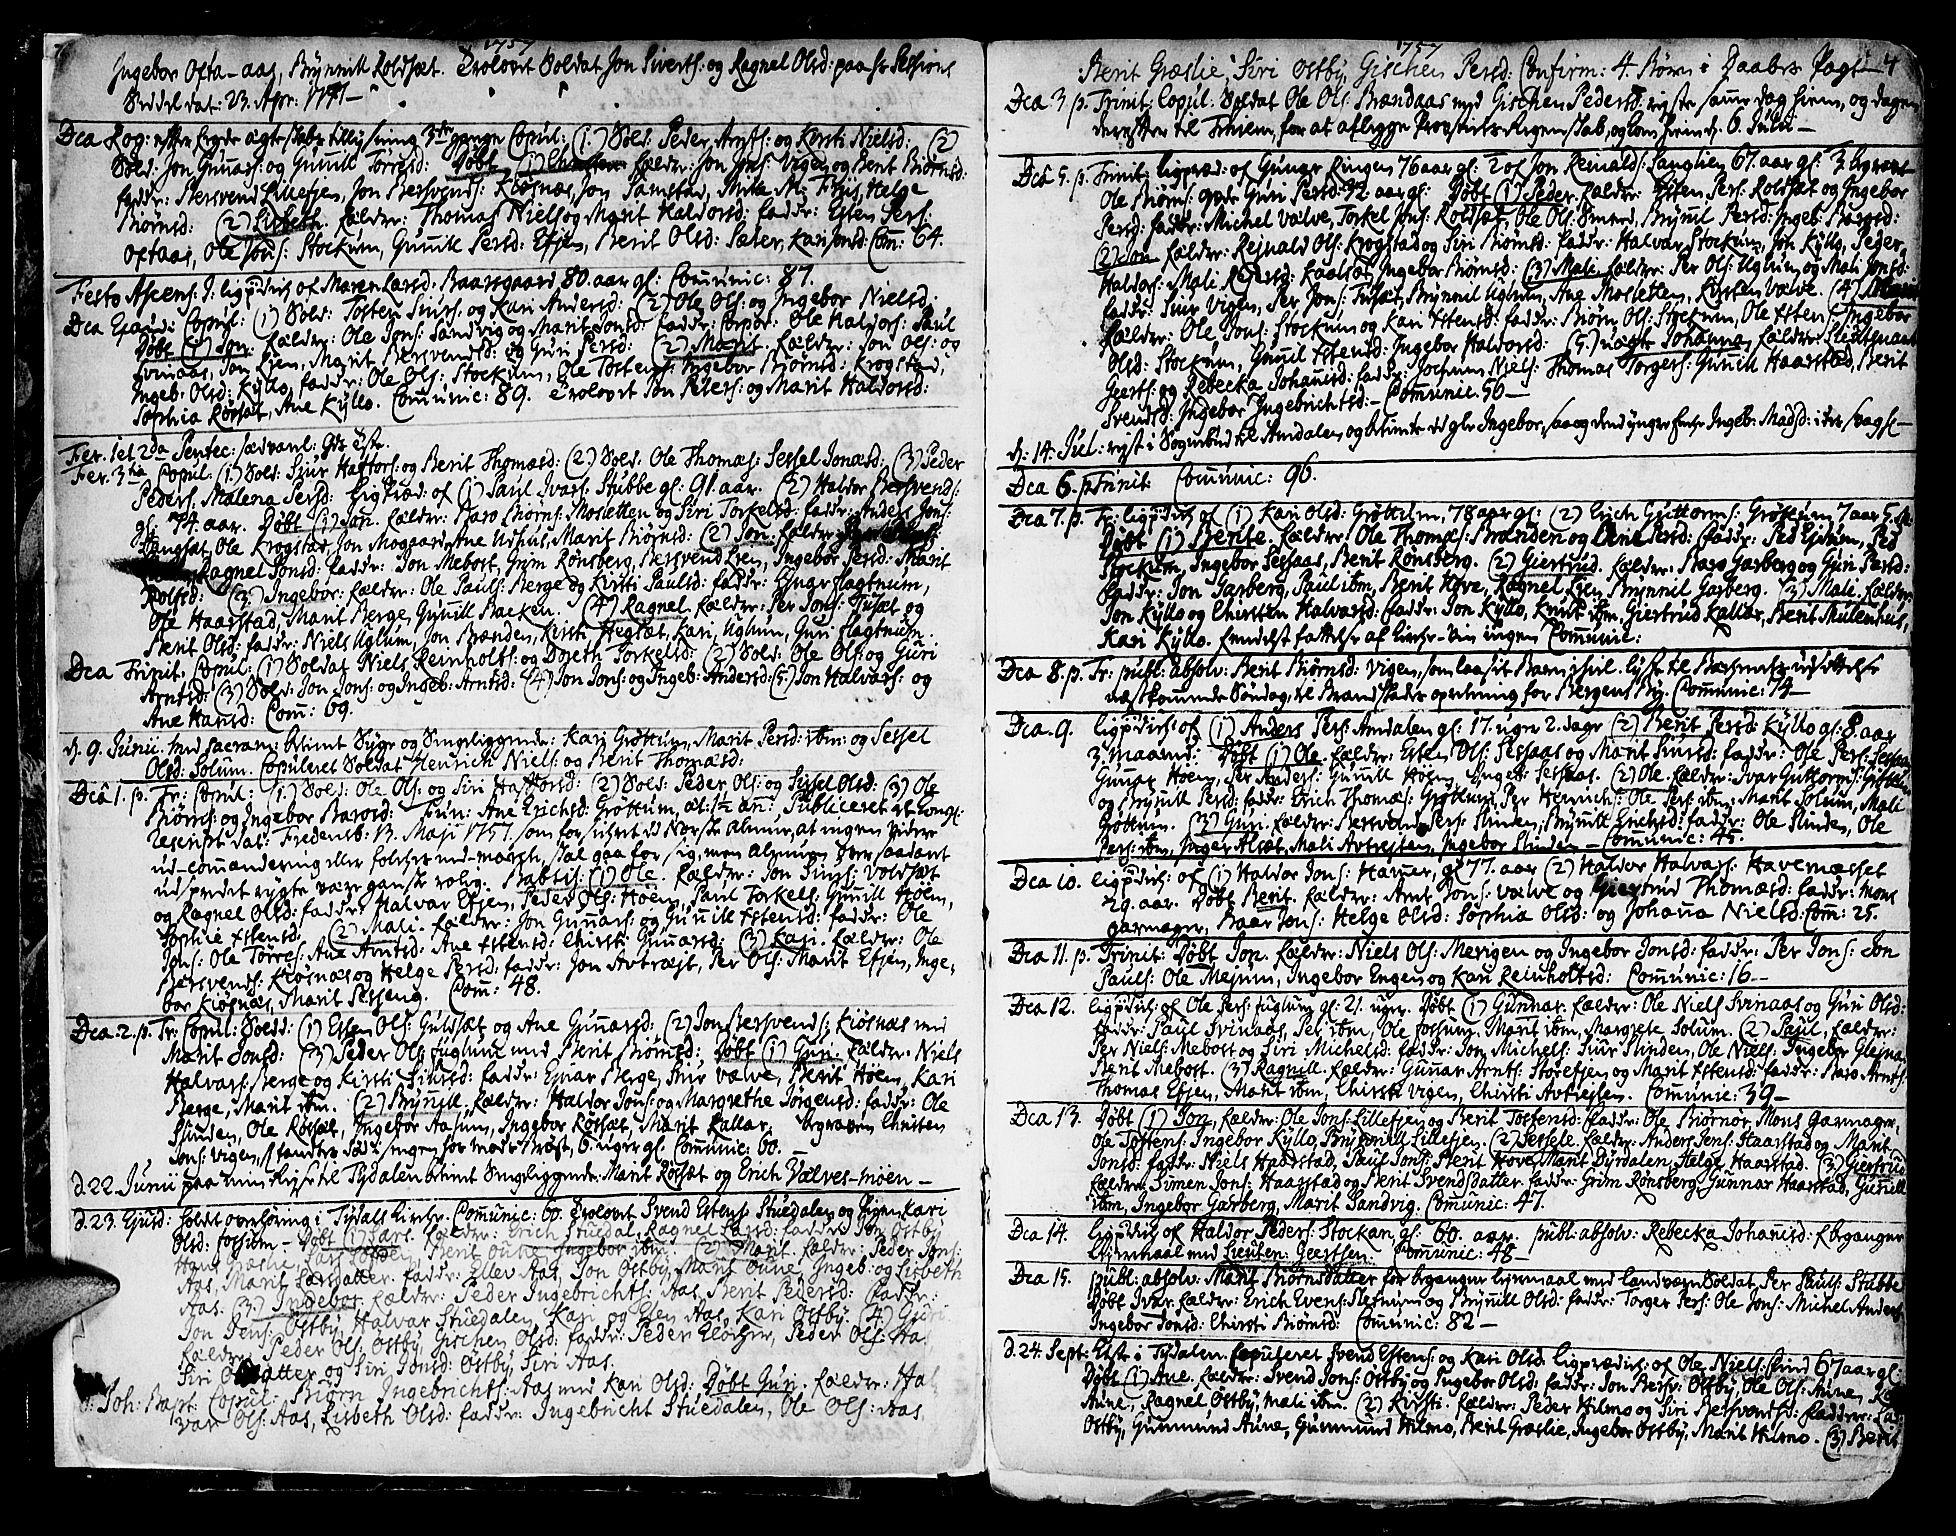 SAT, Ministerialprotokoller, klokkerbøker og fødselsregistre - Sør-Trøndelag, 695/L1138: Ministerialbok nr. 695A02 /1, 1757-1801, s. 4